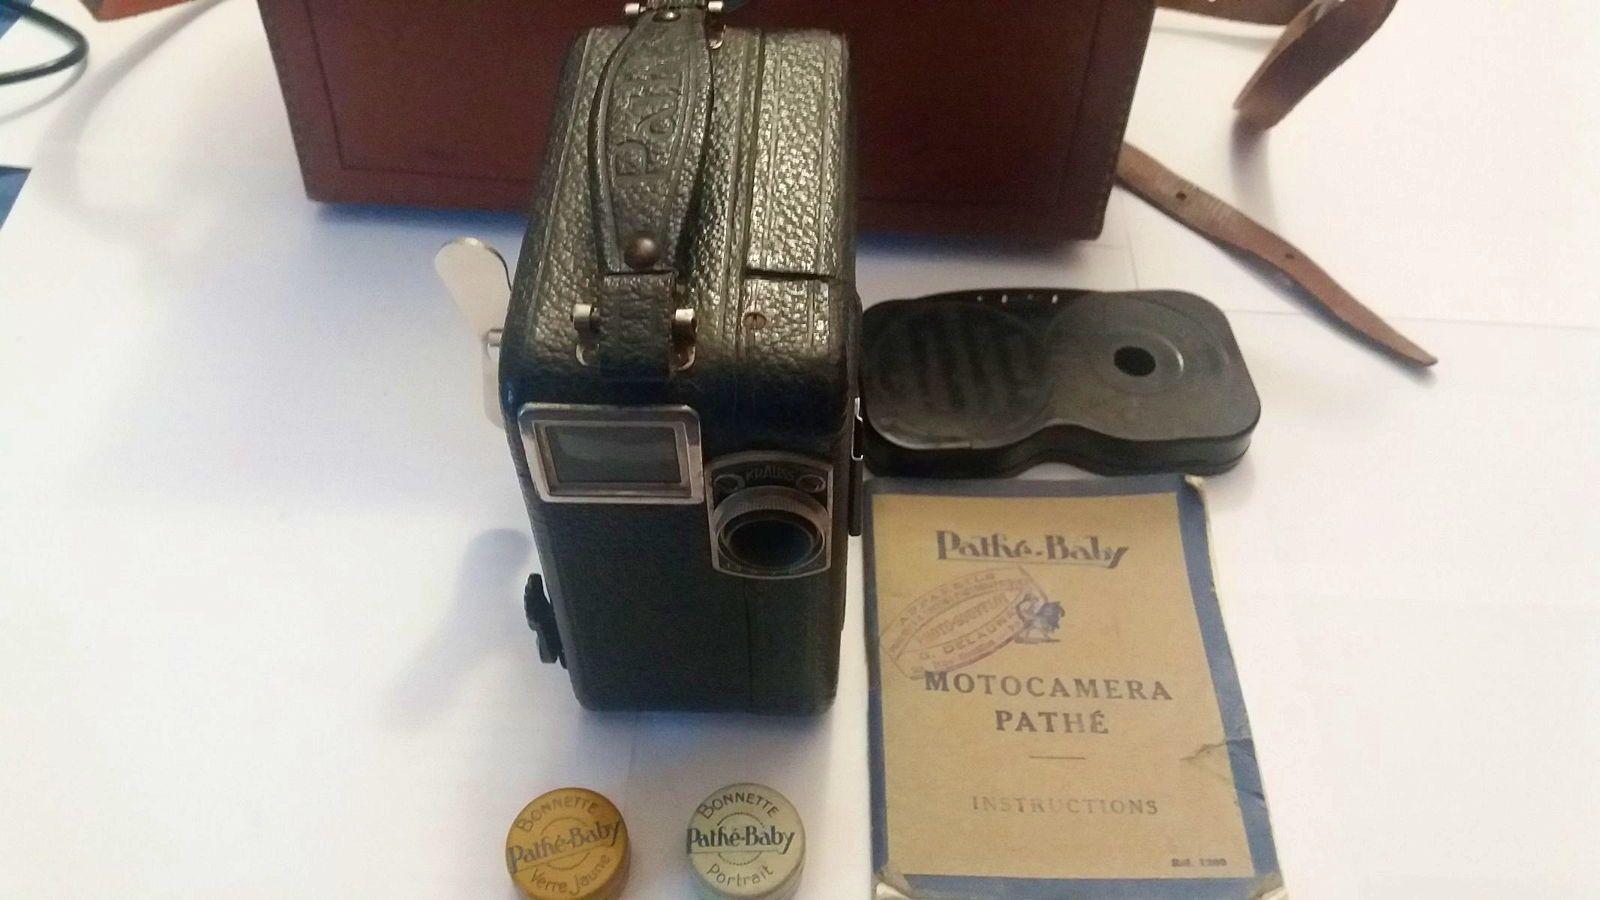 Caméra Motocaméra Pathé Baby 9,5mm